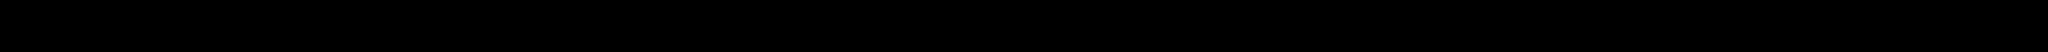 NGK 46 54 84 78, 46 54 84 780, 46 54 84 78, 46 54 84 780, 5962.5G Zapalovací svíčka